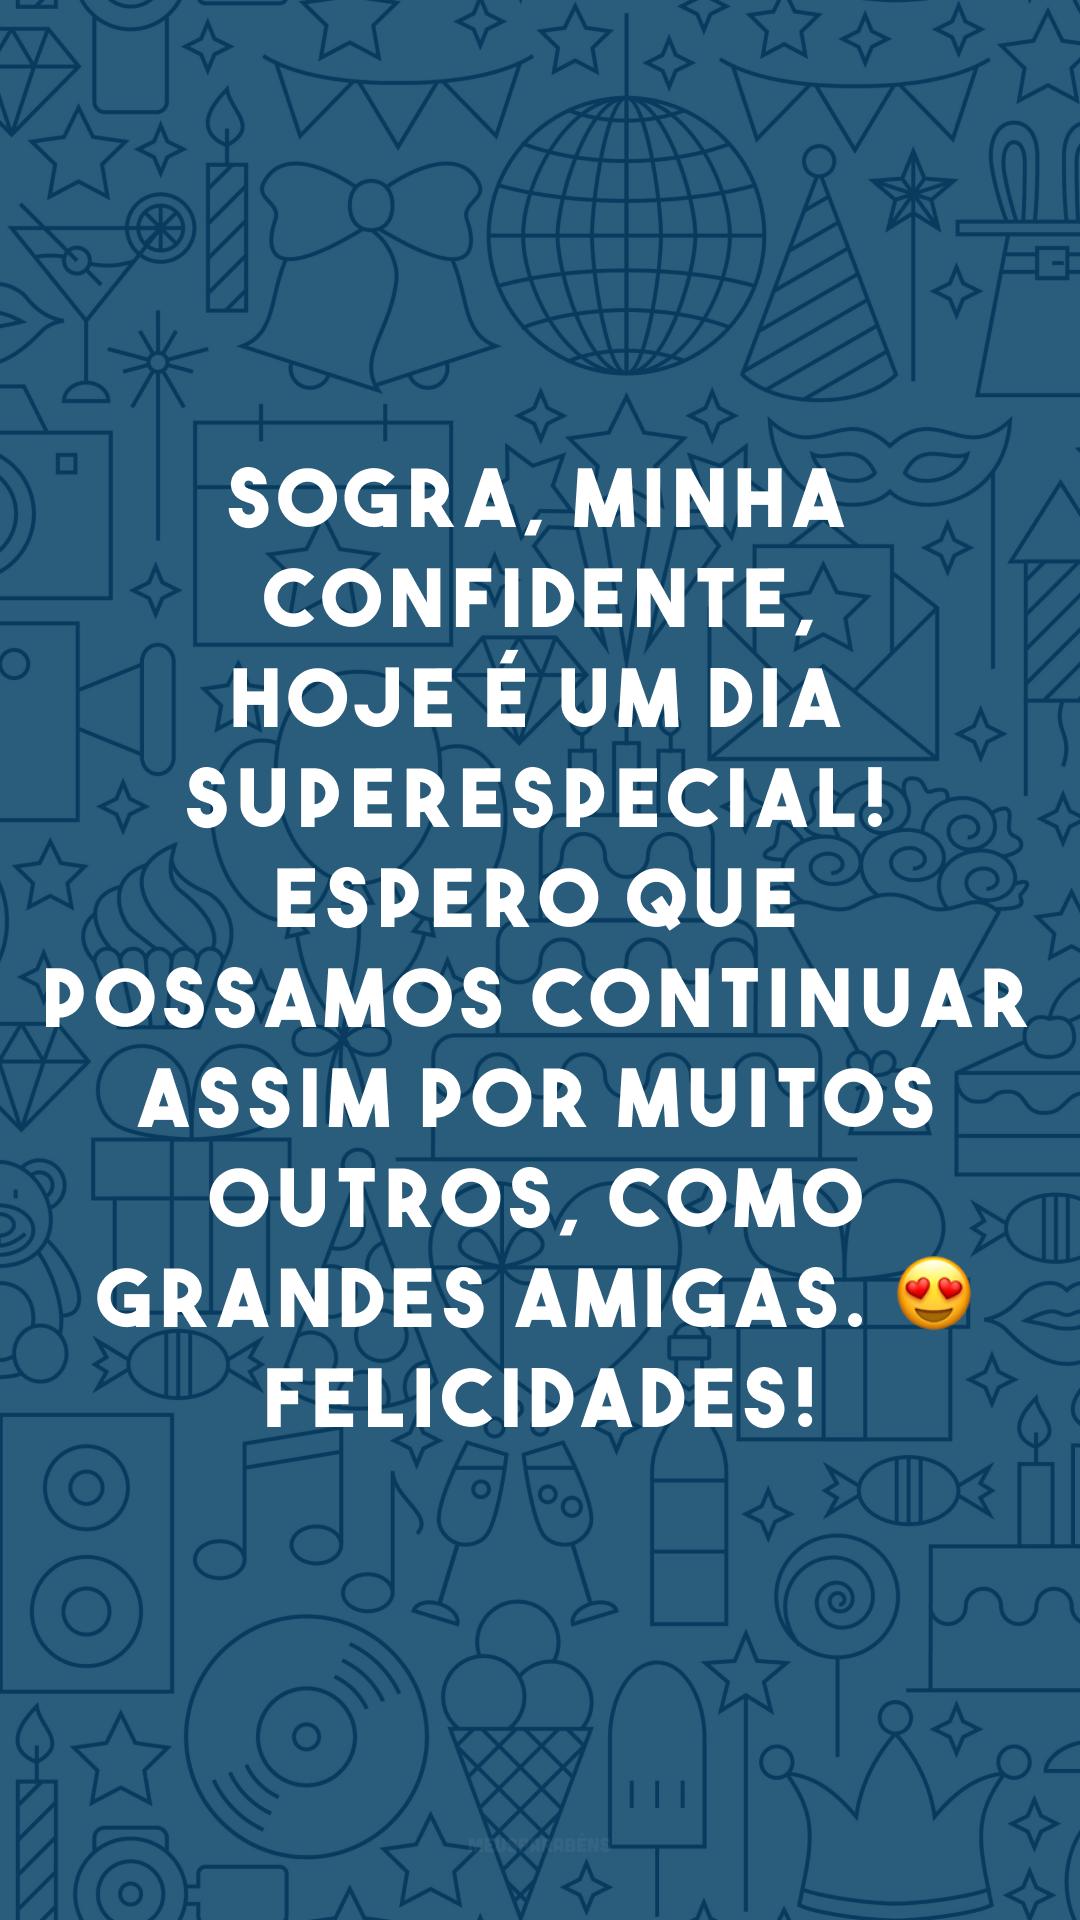 Sogra, minha confidente, hoje é um dia superespecial! Espero que possamos continuar assim por muitos outros, como grandes amigas. 😍 Felicidades!